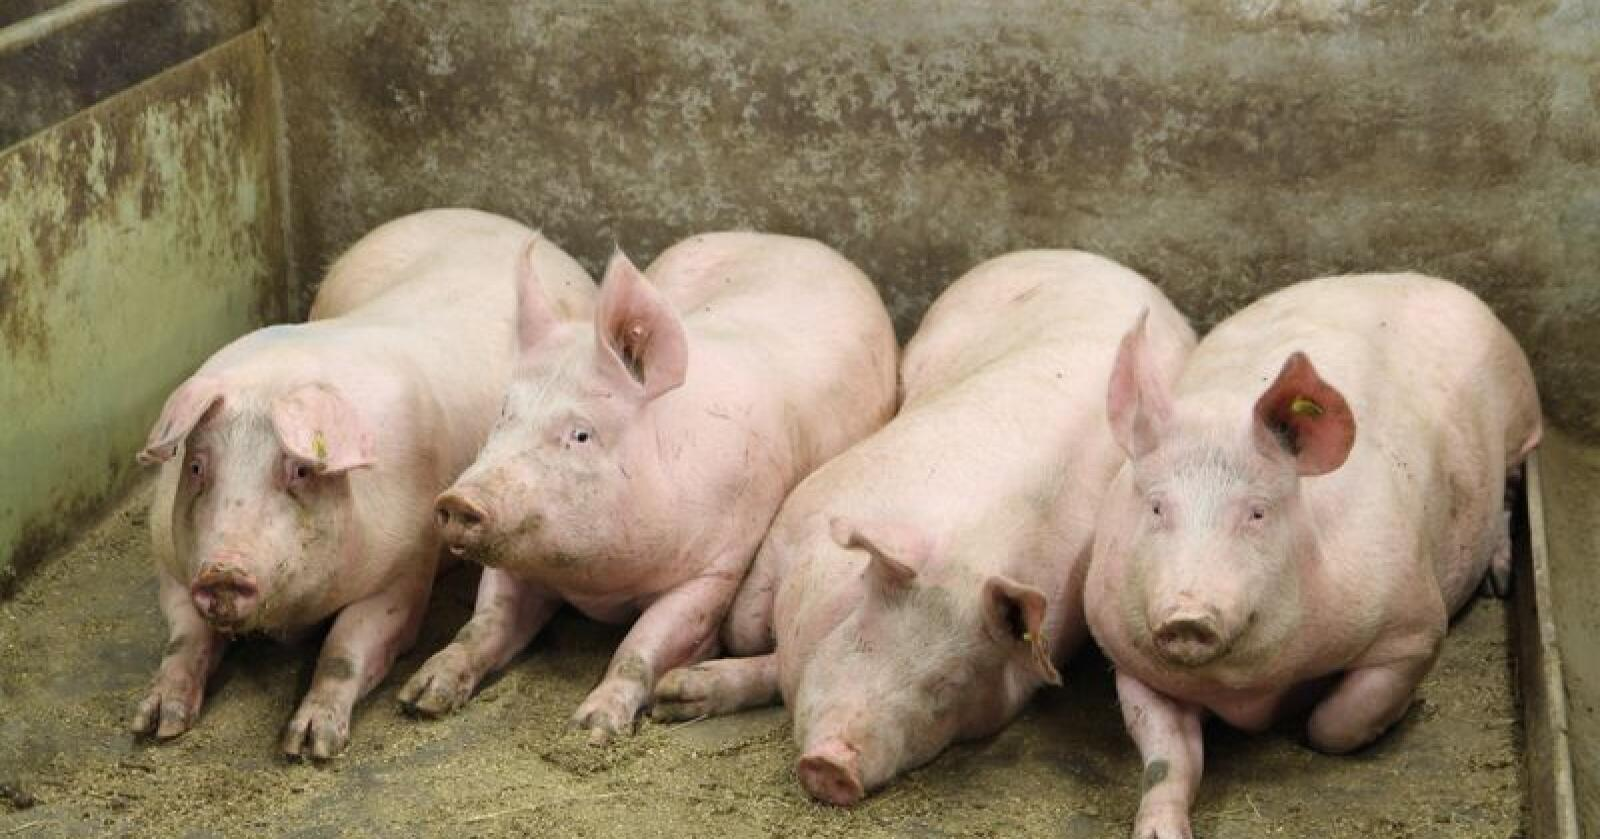 Kan antidepressiva gjøre grisen lykkeligere? Foto: Øystein Heggdal